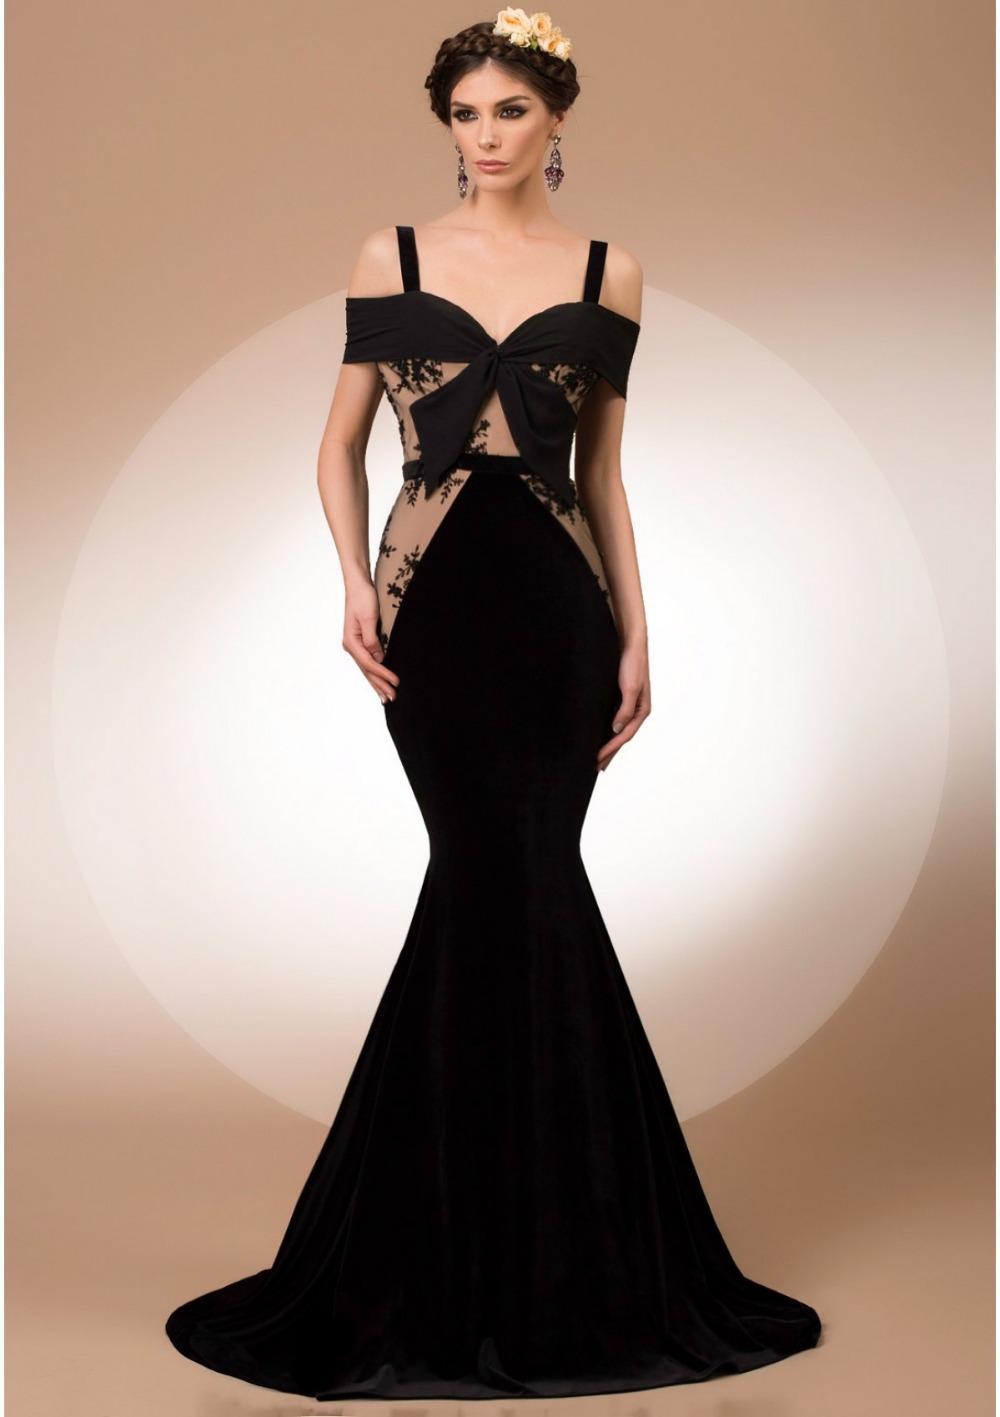 Velvet Evening Gowns – fashion dresses 47c2cbe01549